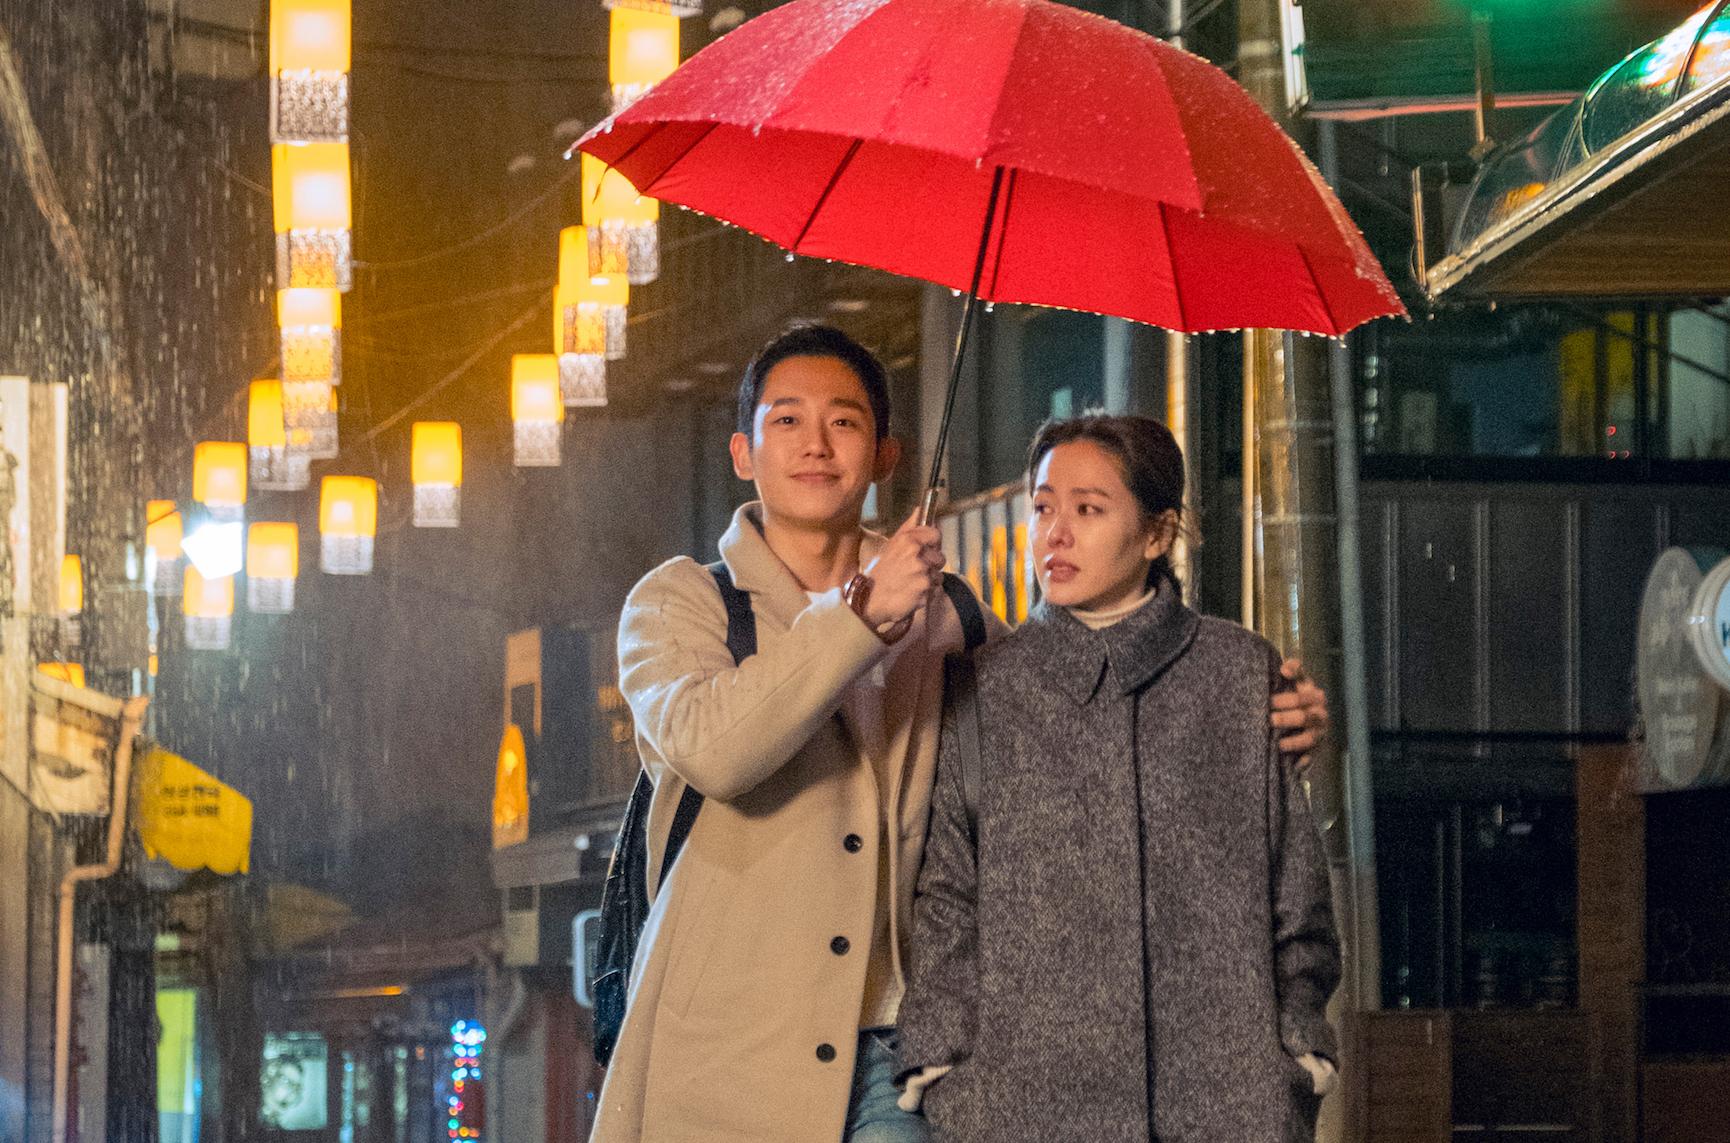 イケメン俳優からパワーを!気分が上がる韓流ドラマたち|韓流ドラマまとめ第2回_1_6